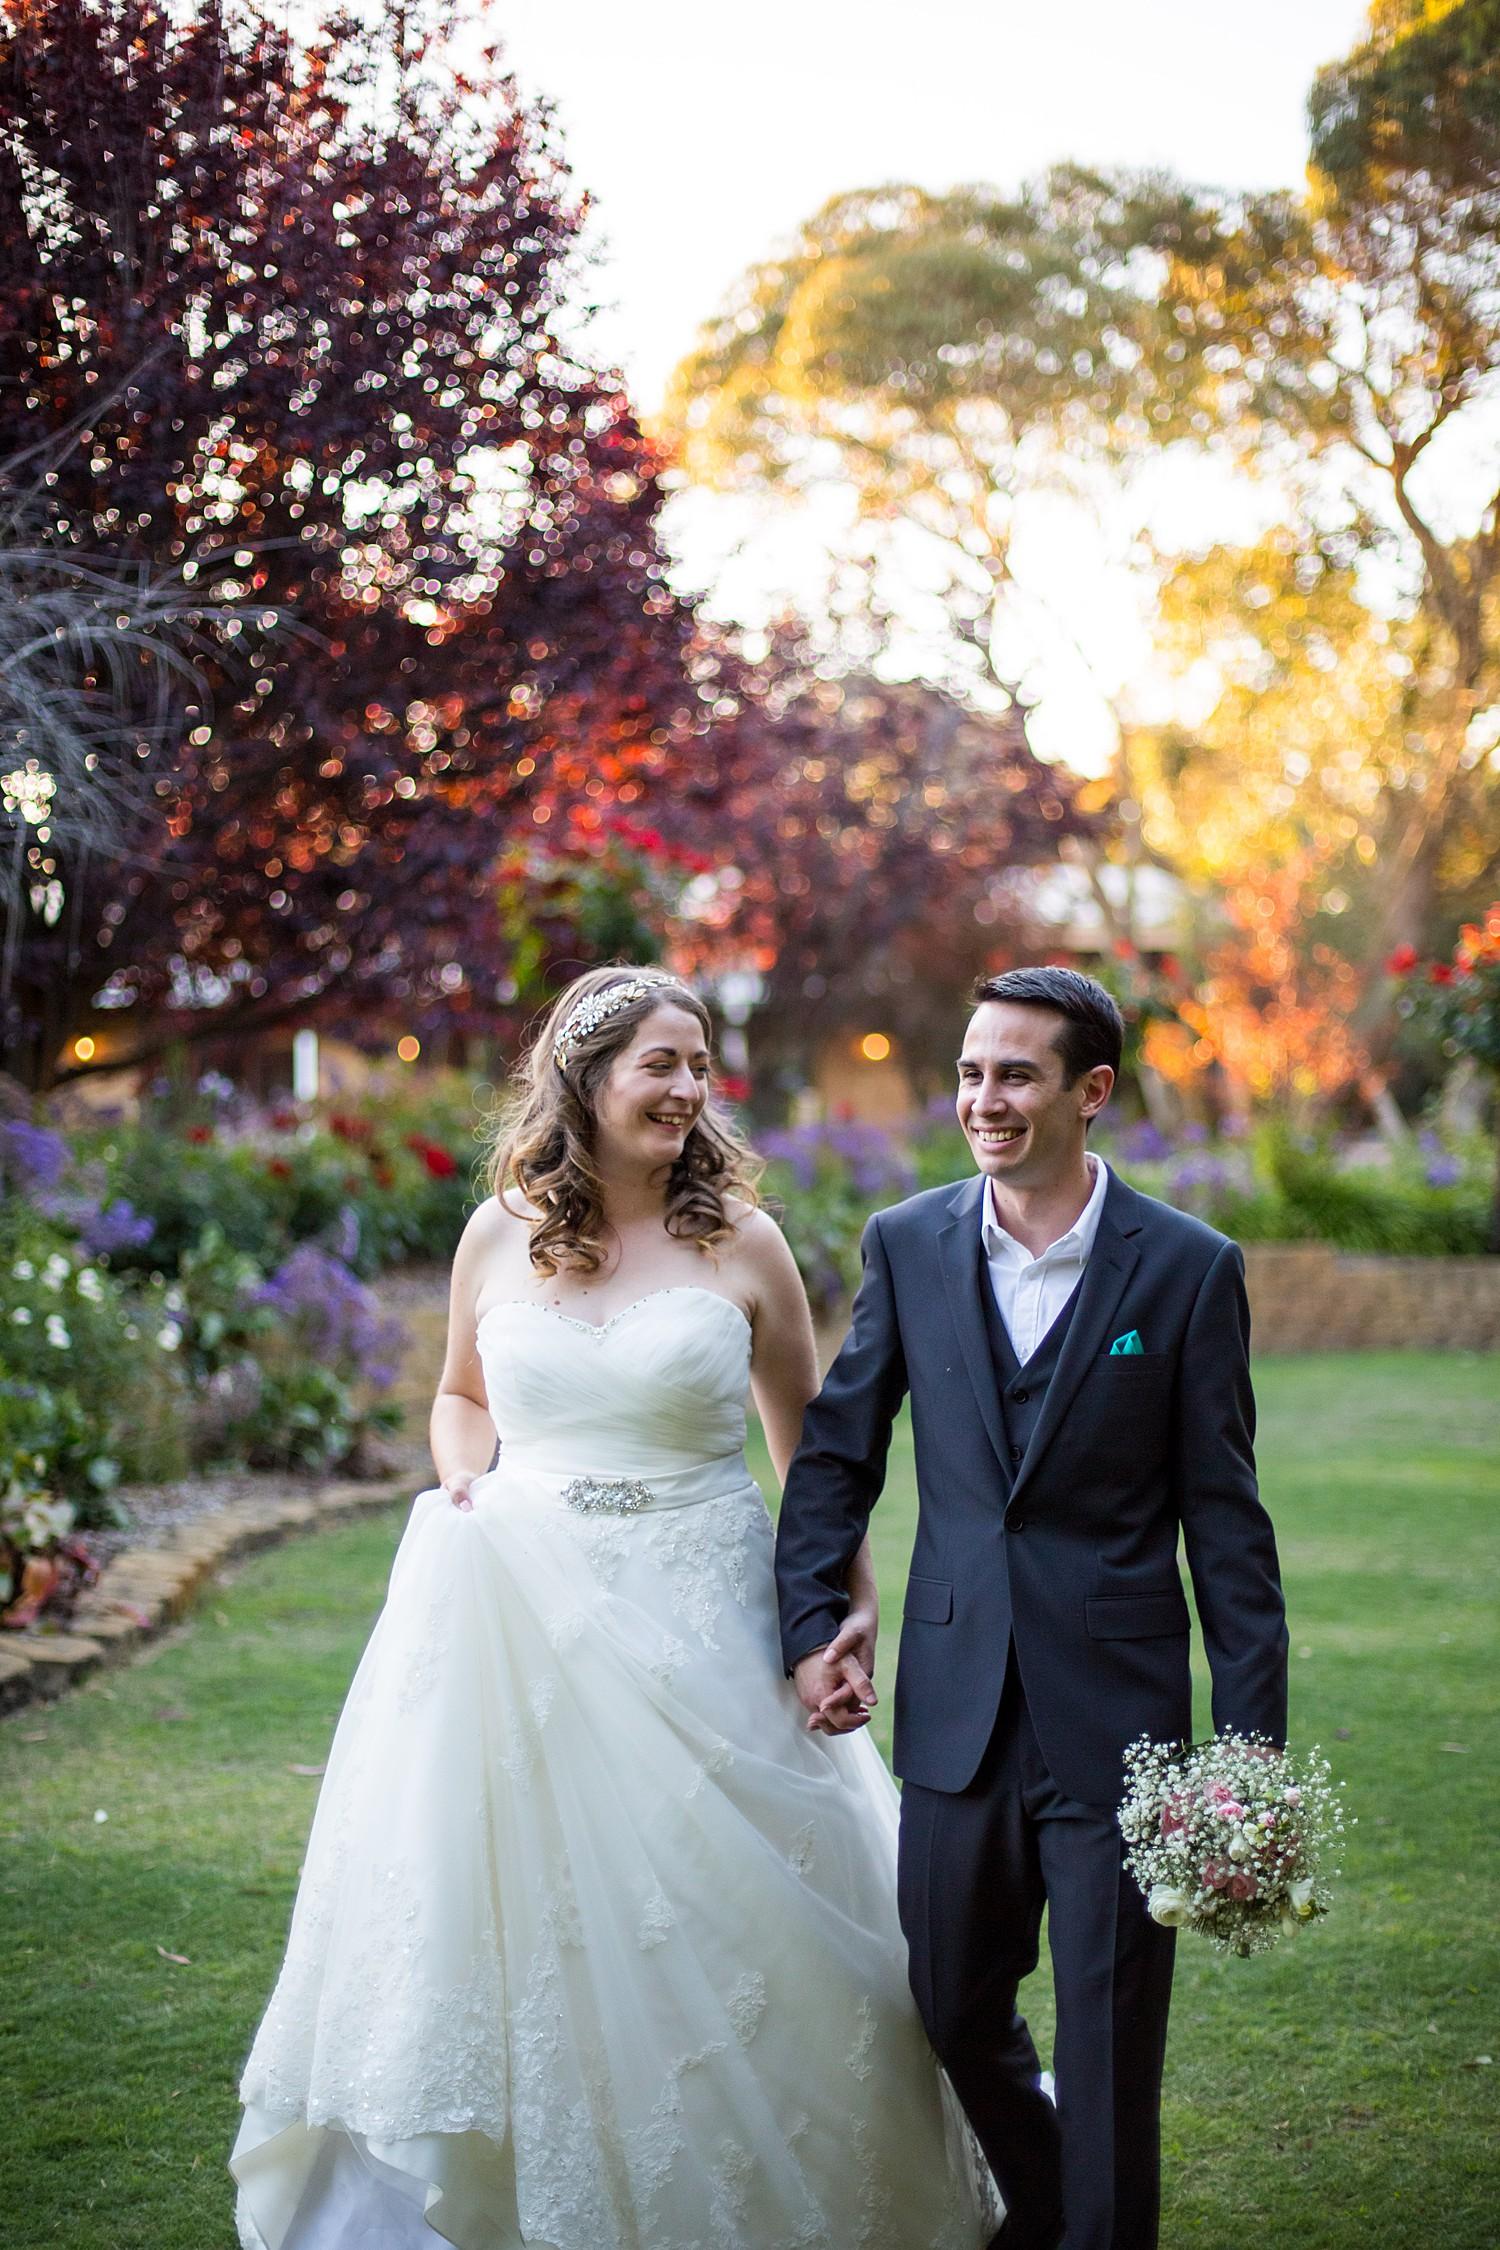 perth_wedding_spring_bridgeleigh_estate_0070.jpg